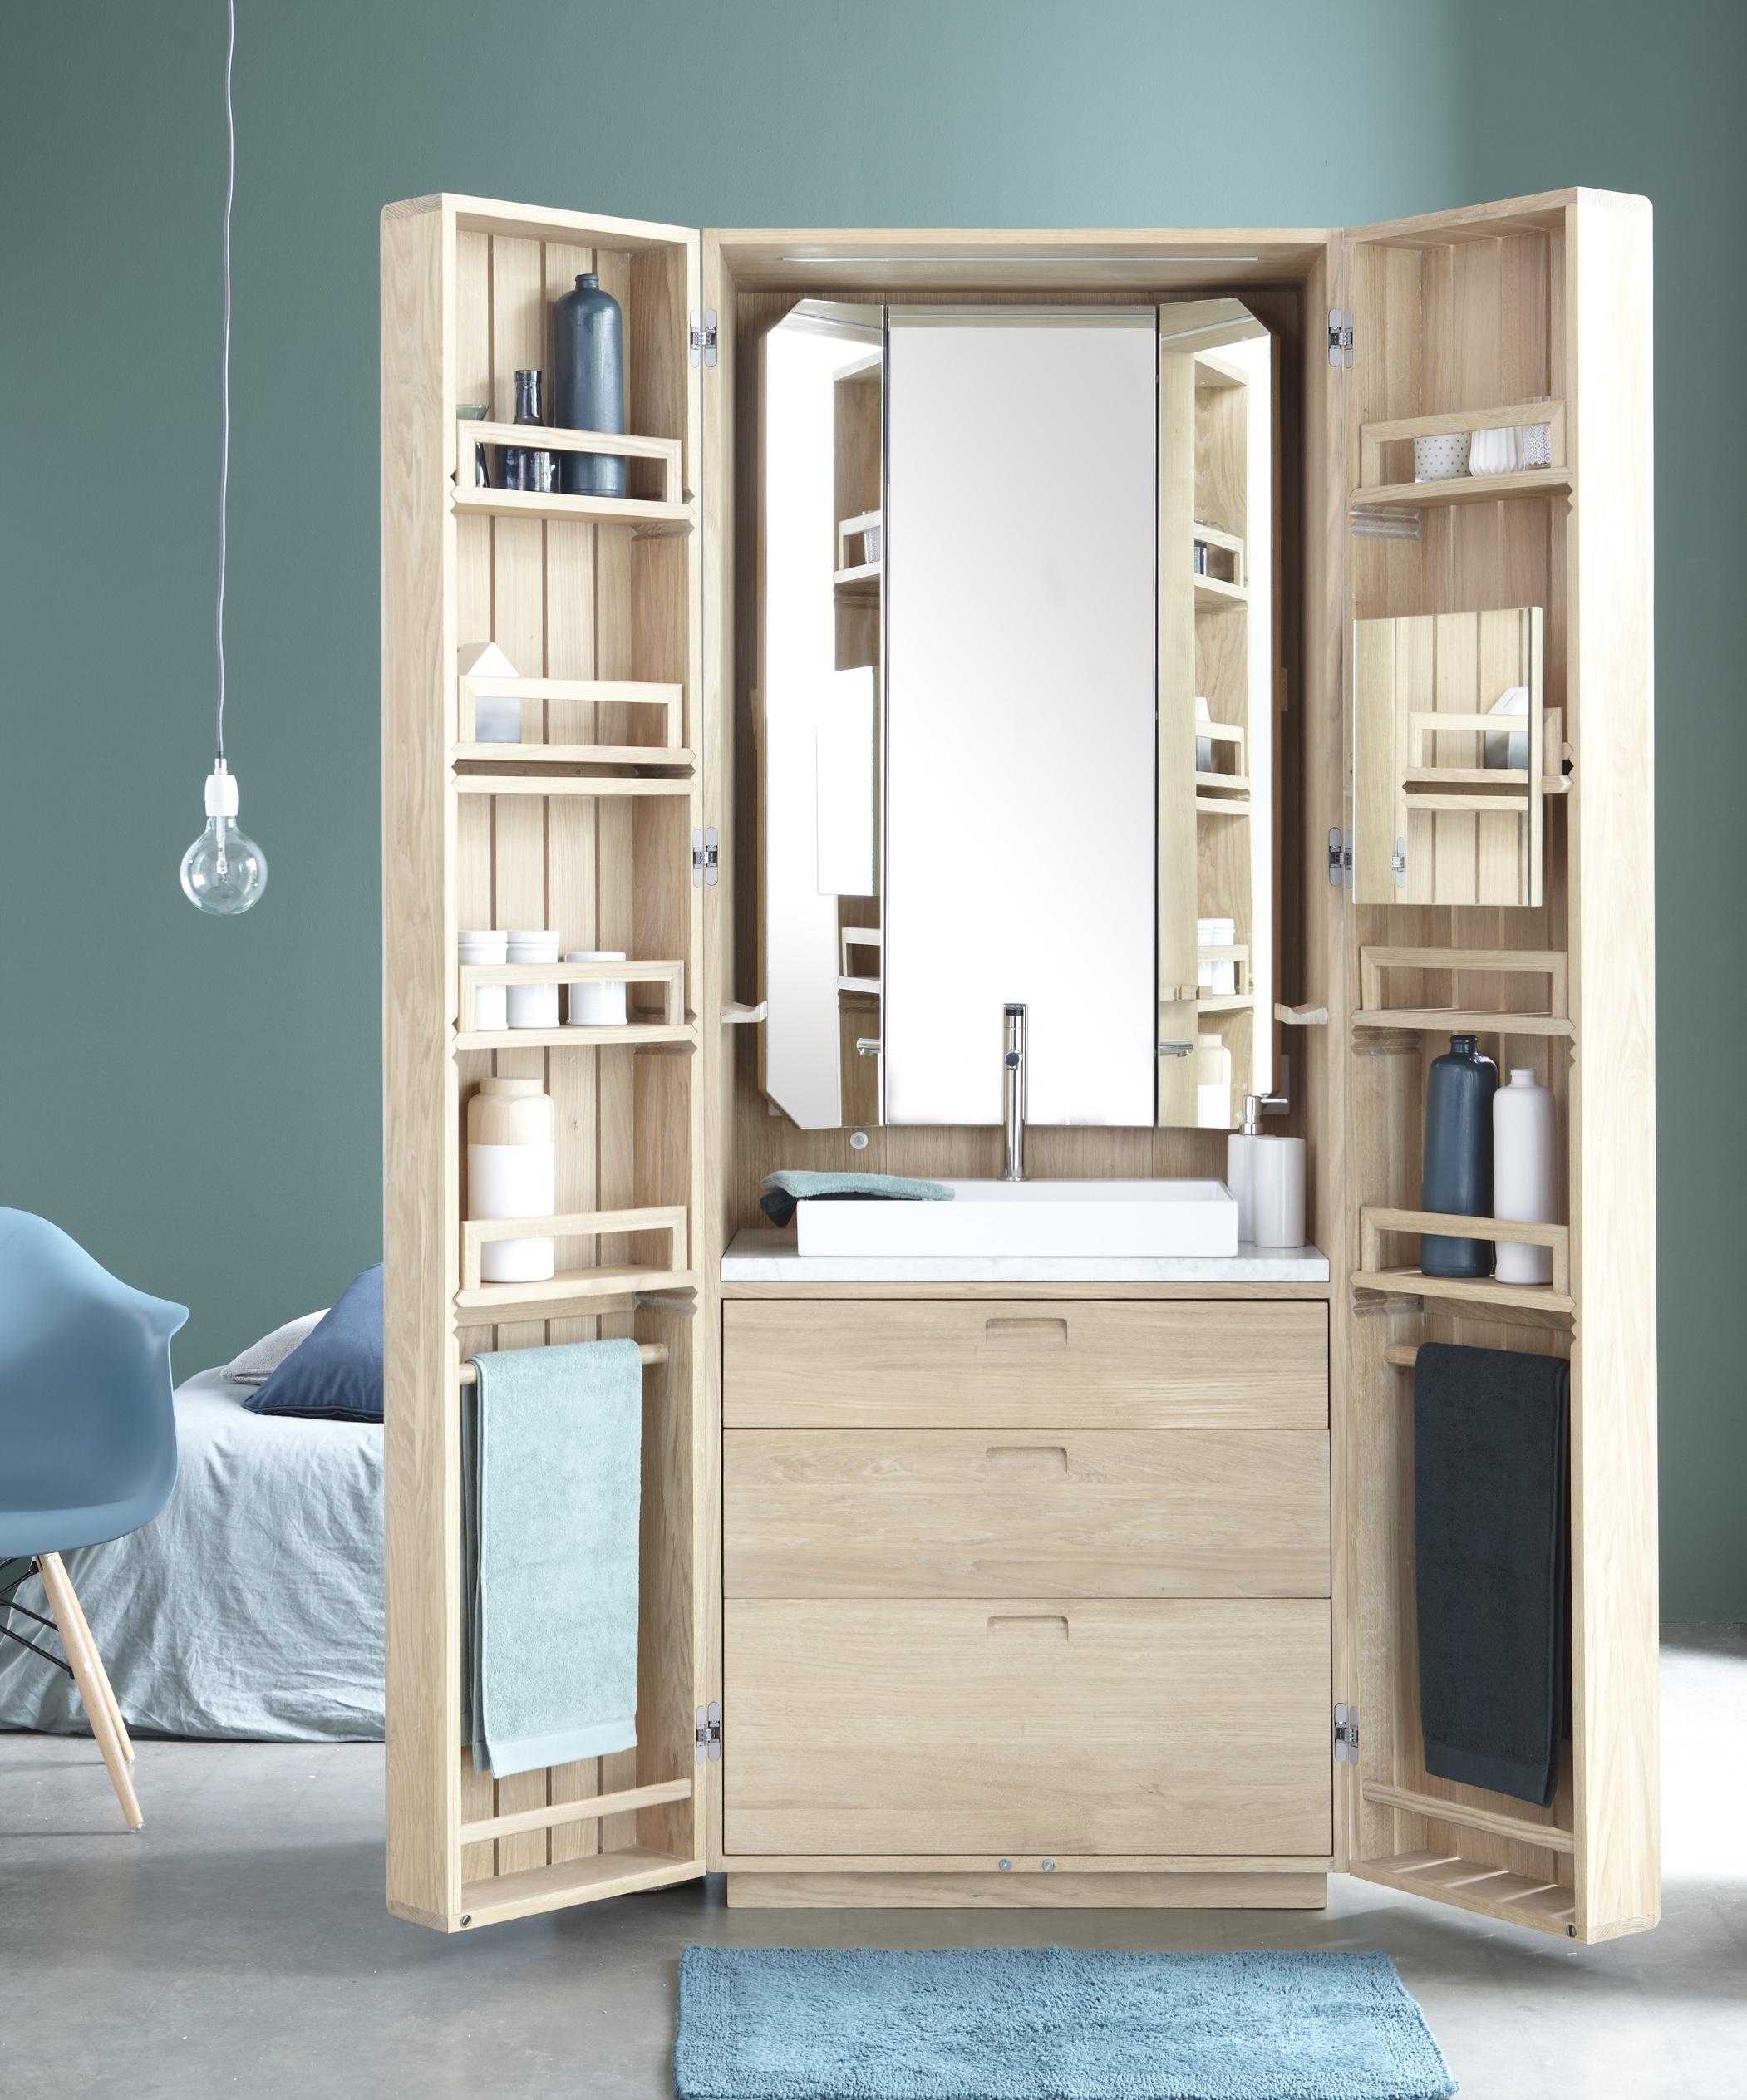 Miroir salle de bain art deco for Placard salle de bain miroir